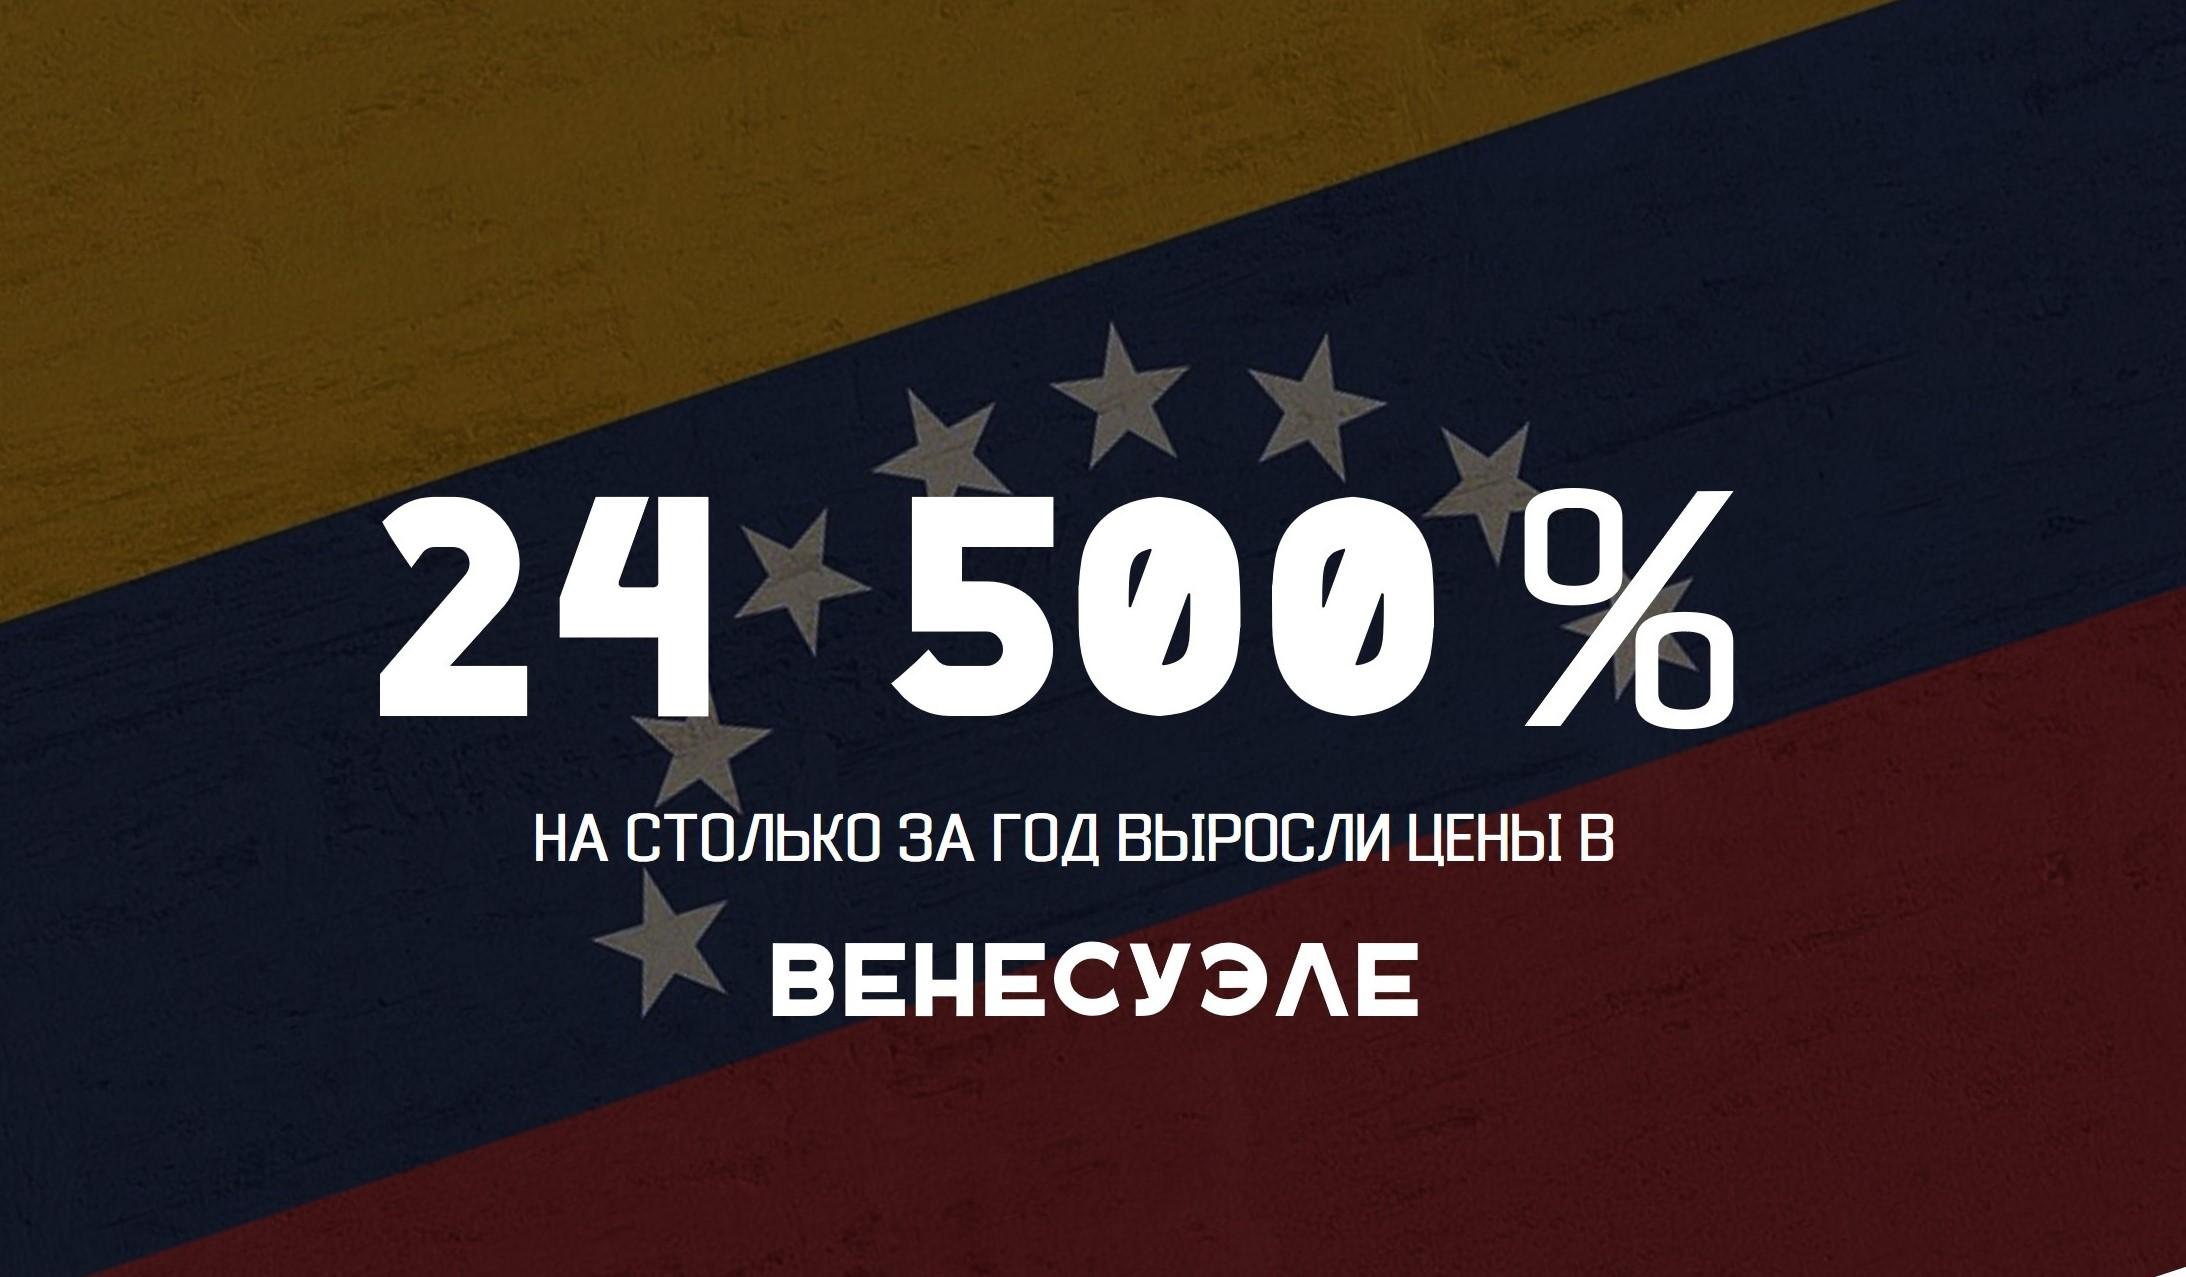 инфляция в венесуэле https://grosh-blog.ru